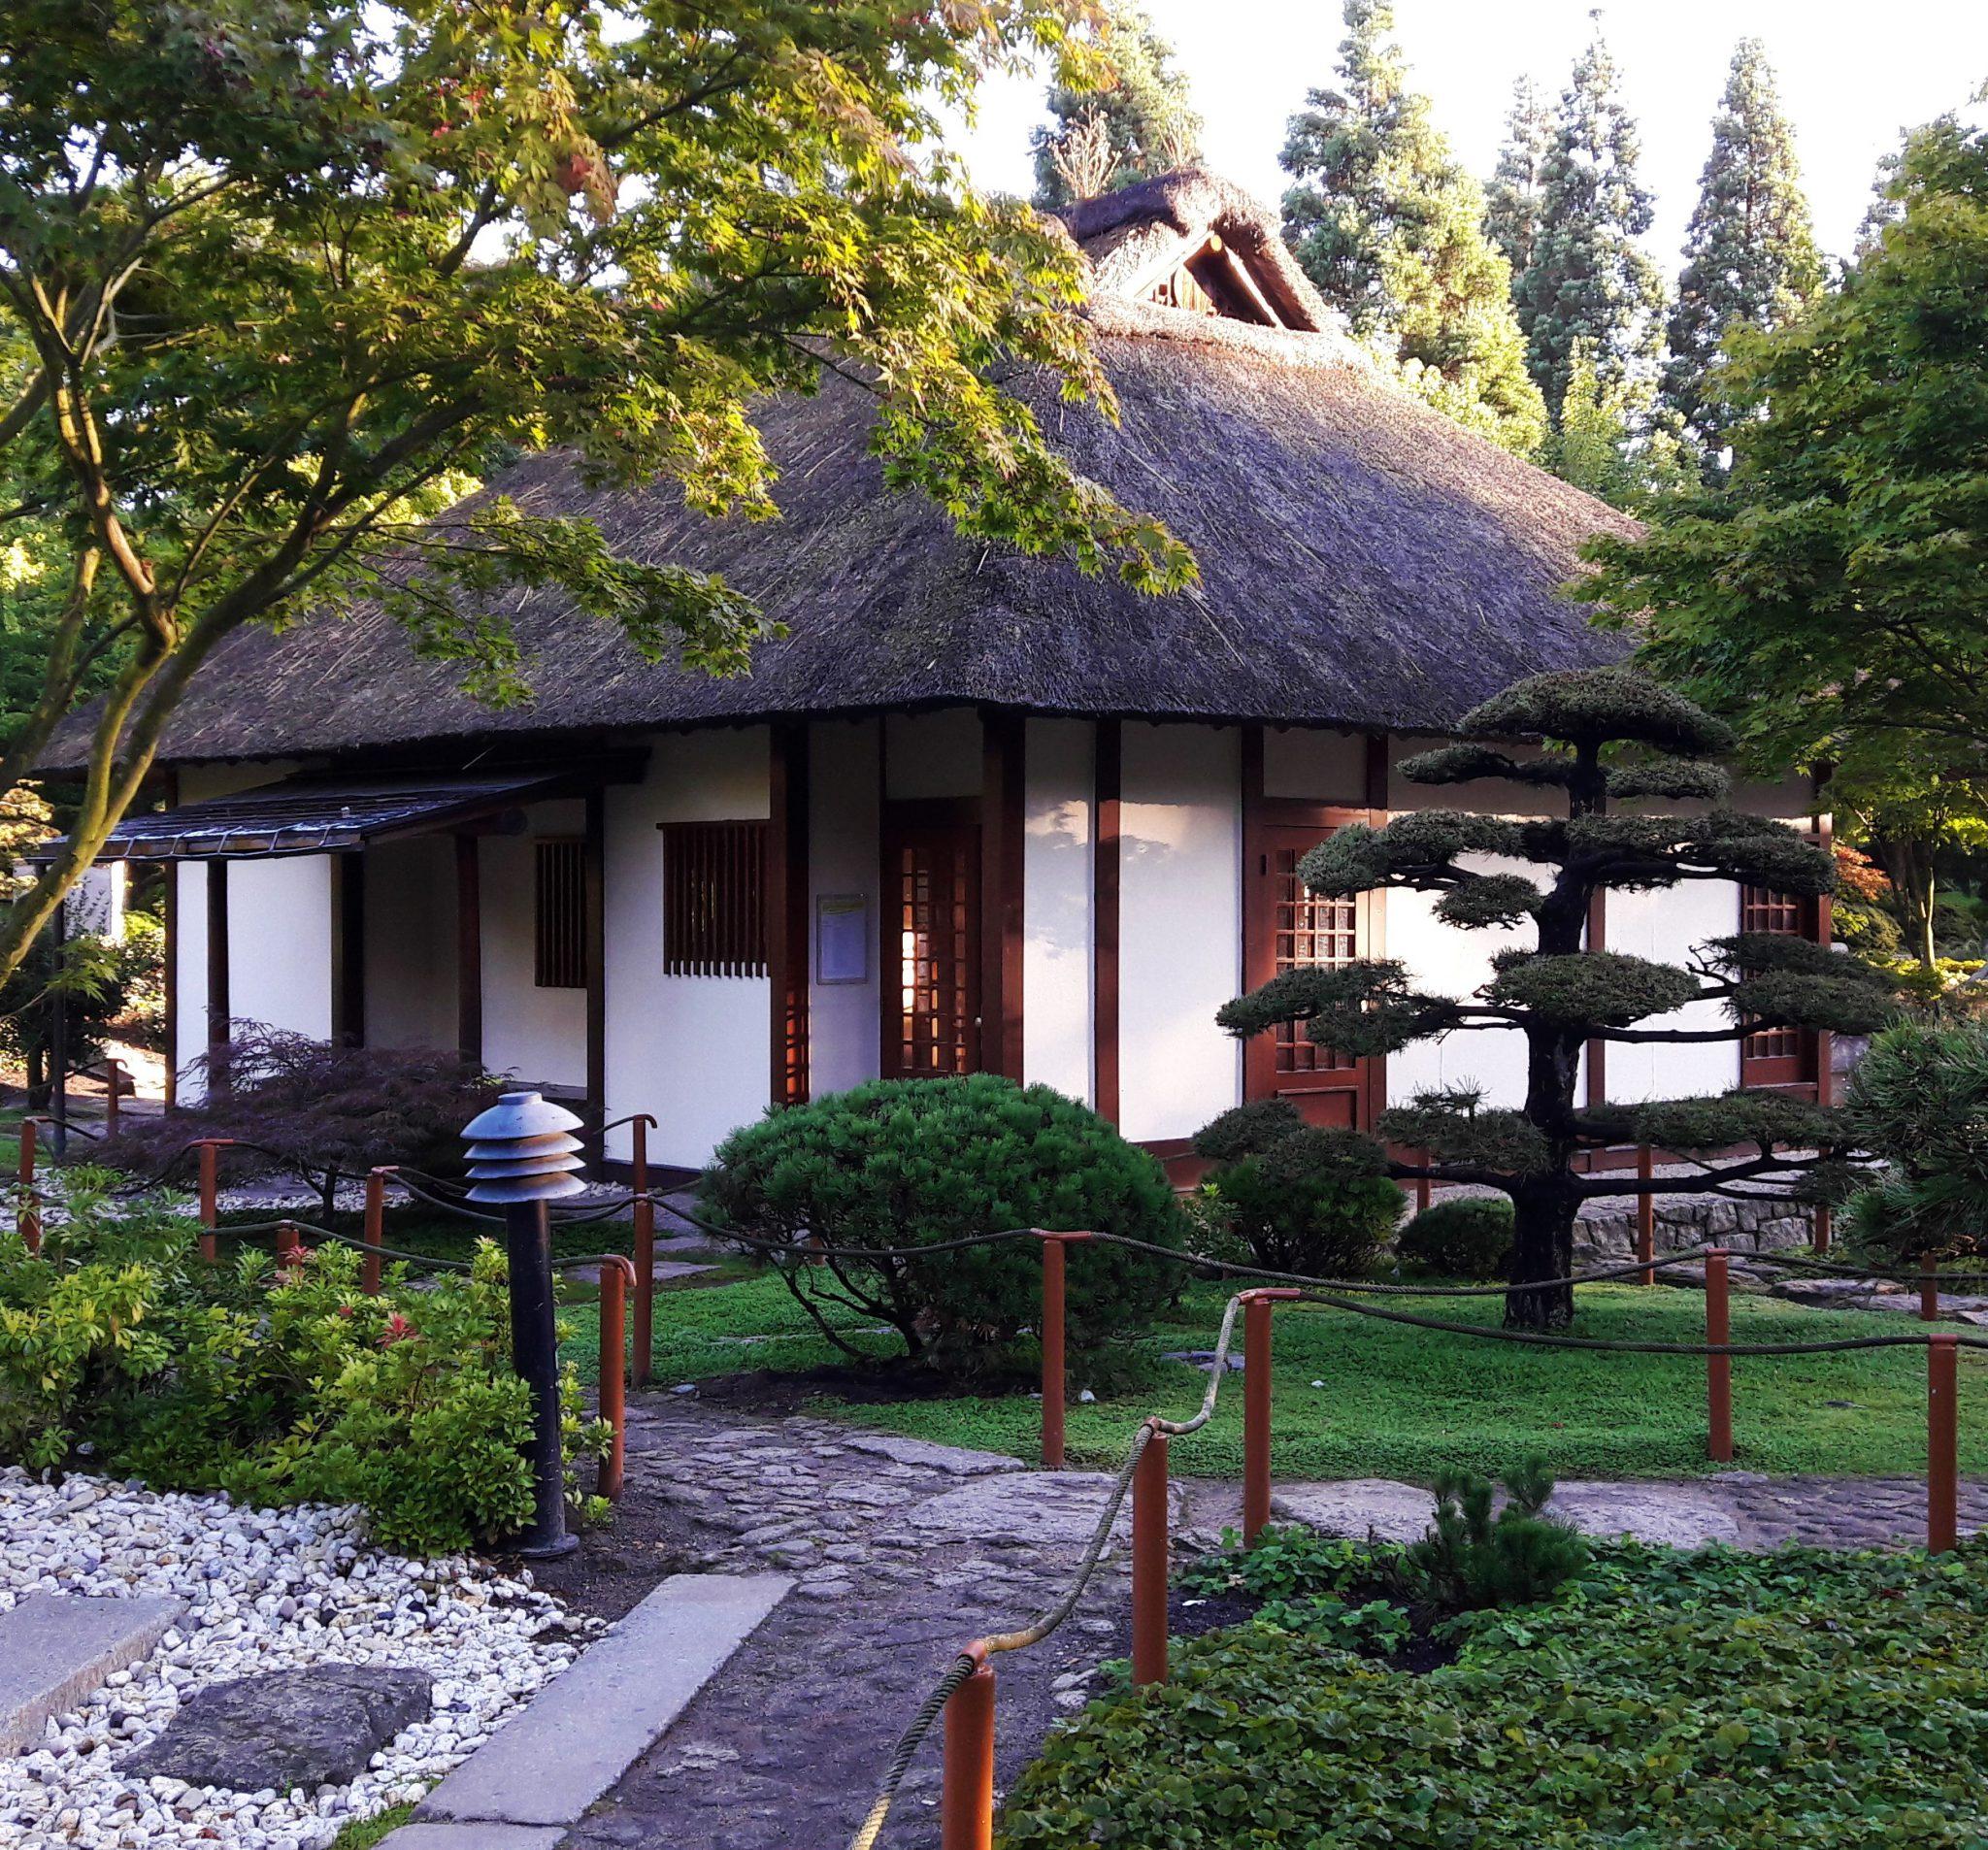 Japanischer Garten Teehaus Planten Un Blomen Hamburg Typisch Hamburch